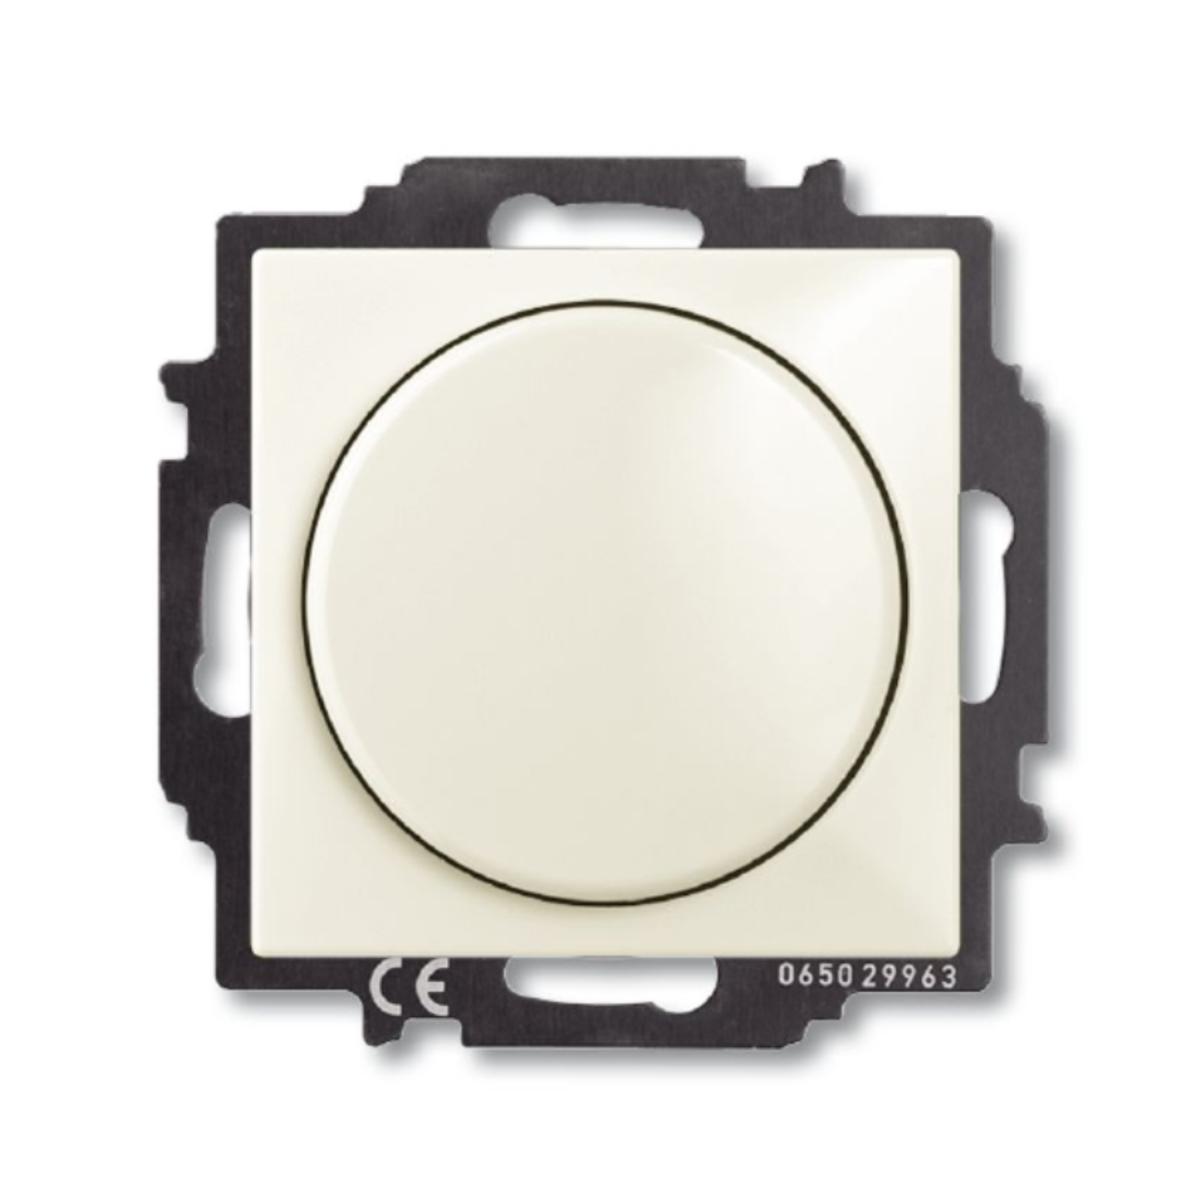 Выключатель ABB Basic 55 2251 UCGL-92-507